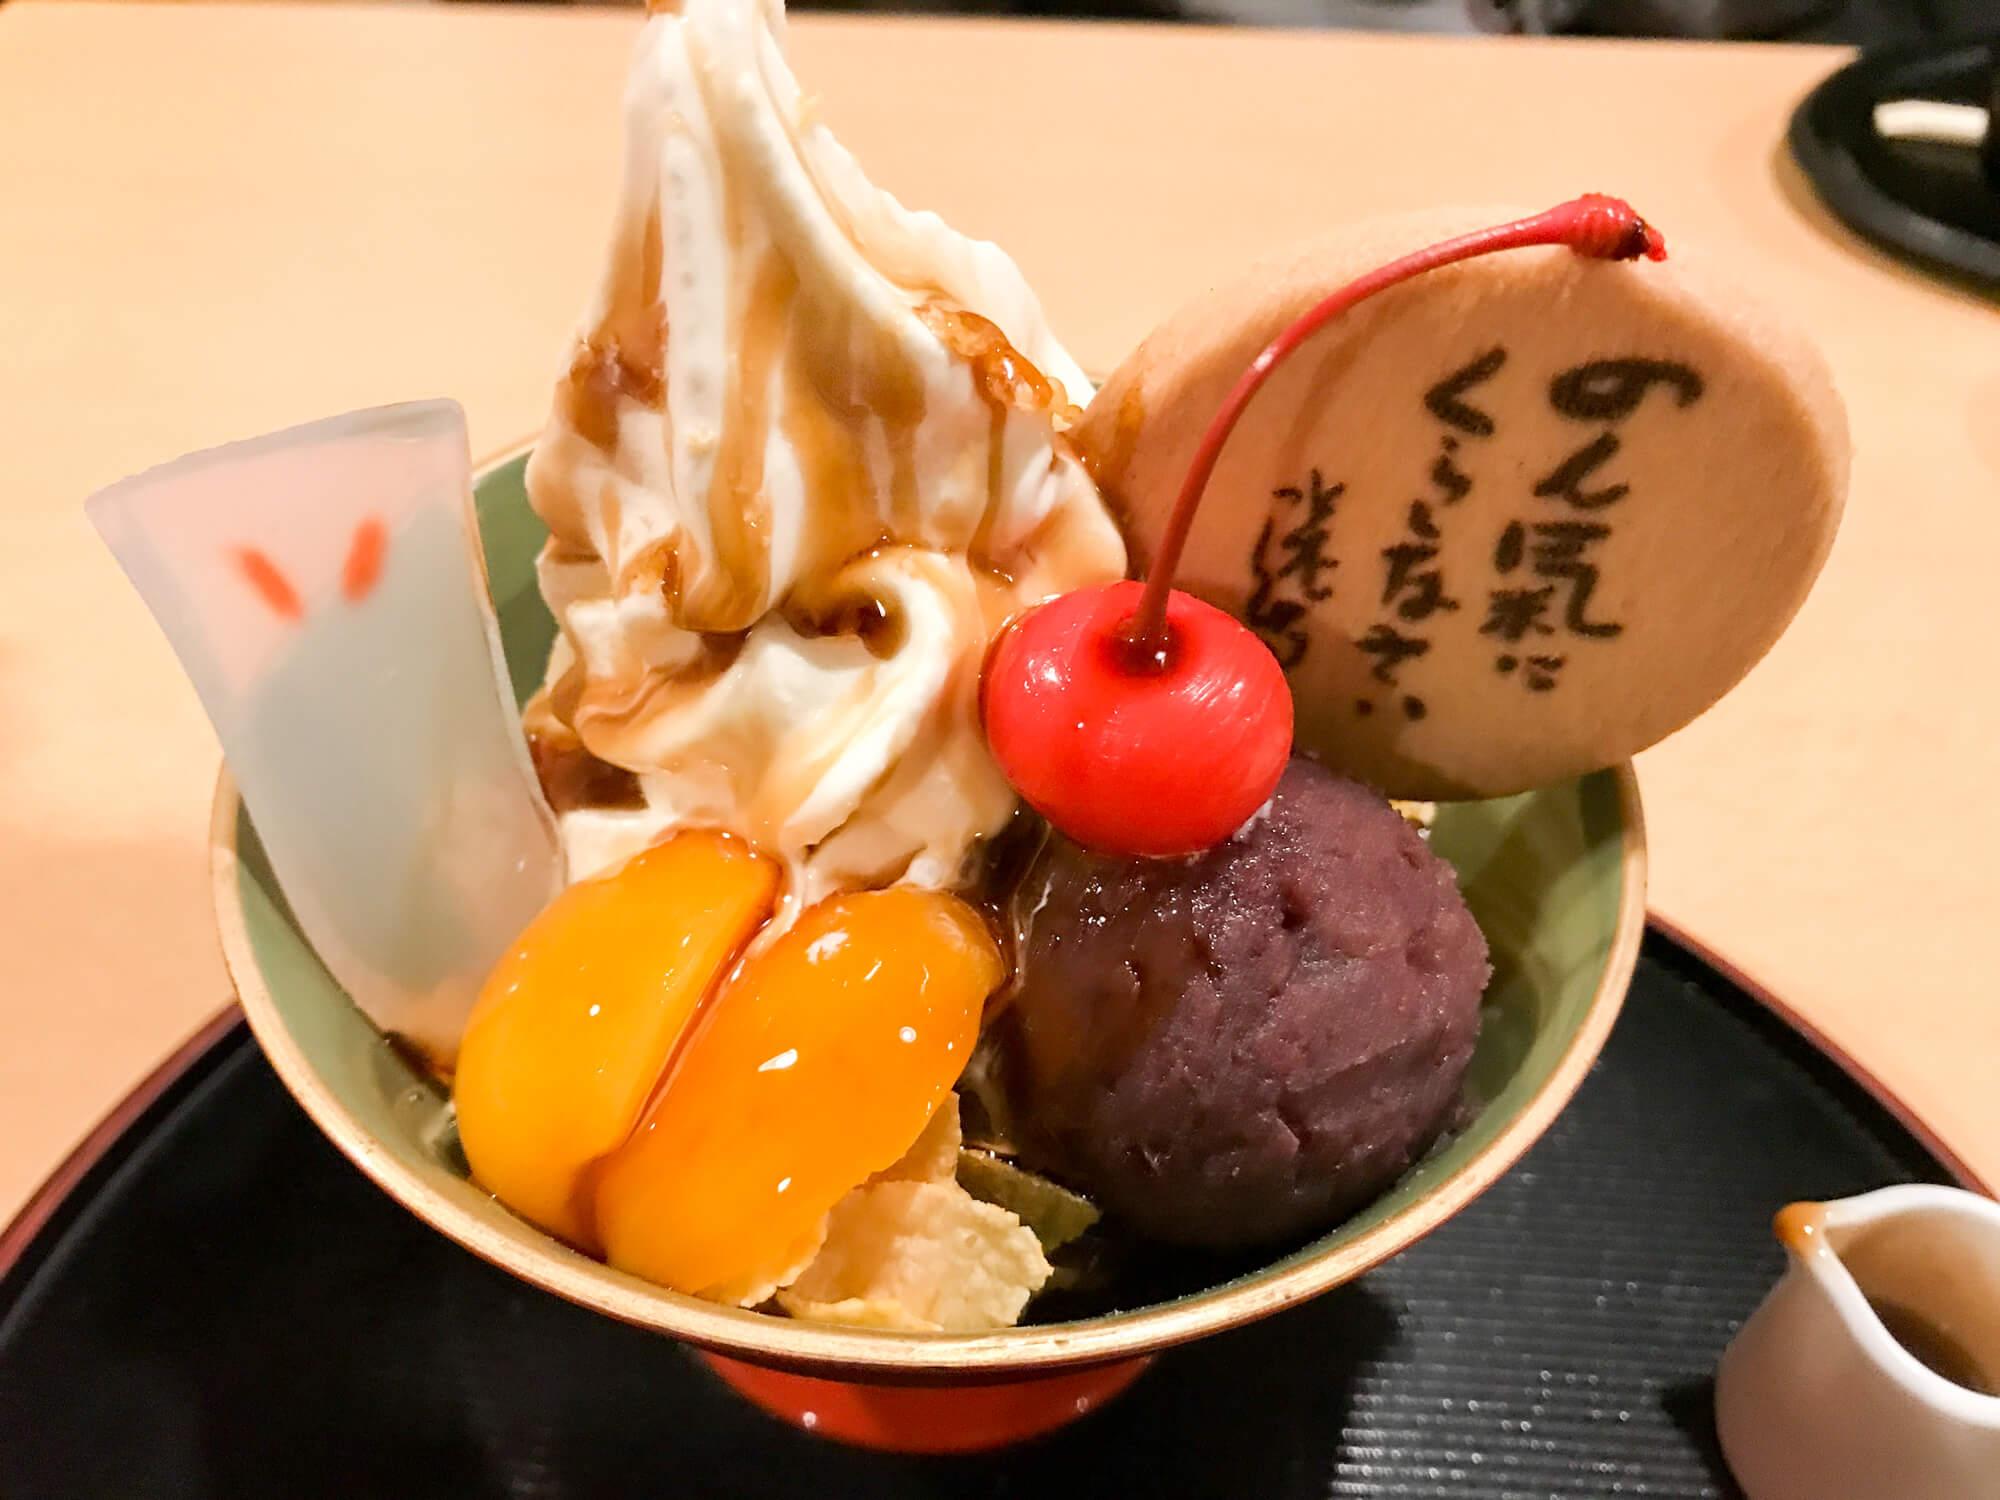 2018年の初詣は聖蹟桜ヶ丘の小野神社と深大寺をはしごしました(*'ω'*)一反もめんの茶屋サンデーは黒蜜がオススメ!